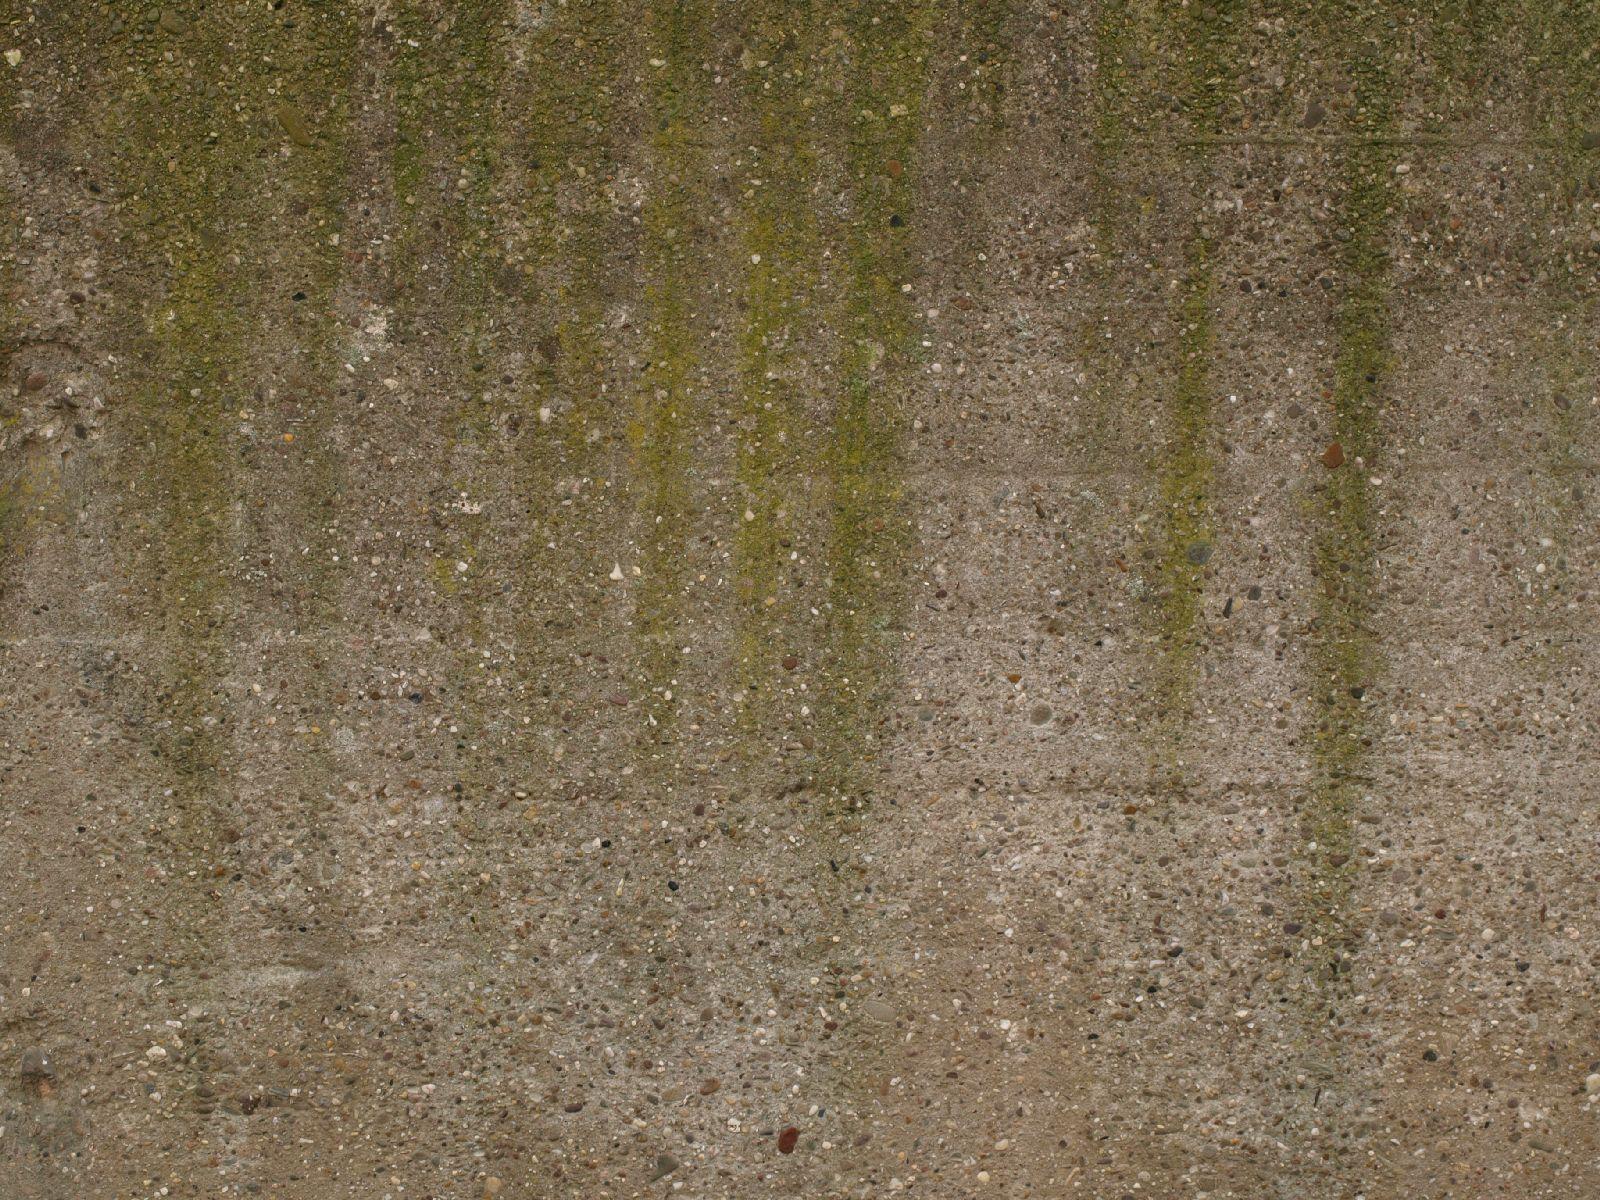 Innenraum-Material_Textur_A_P4110744